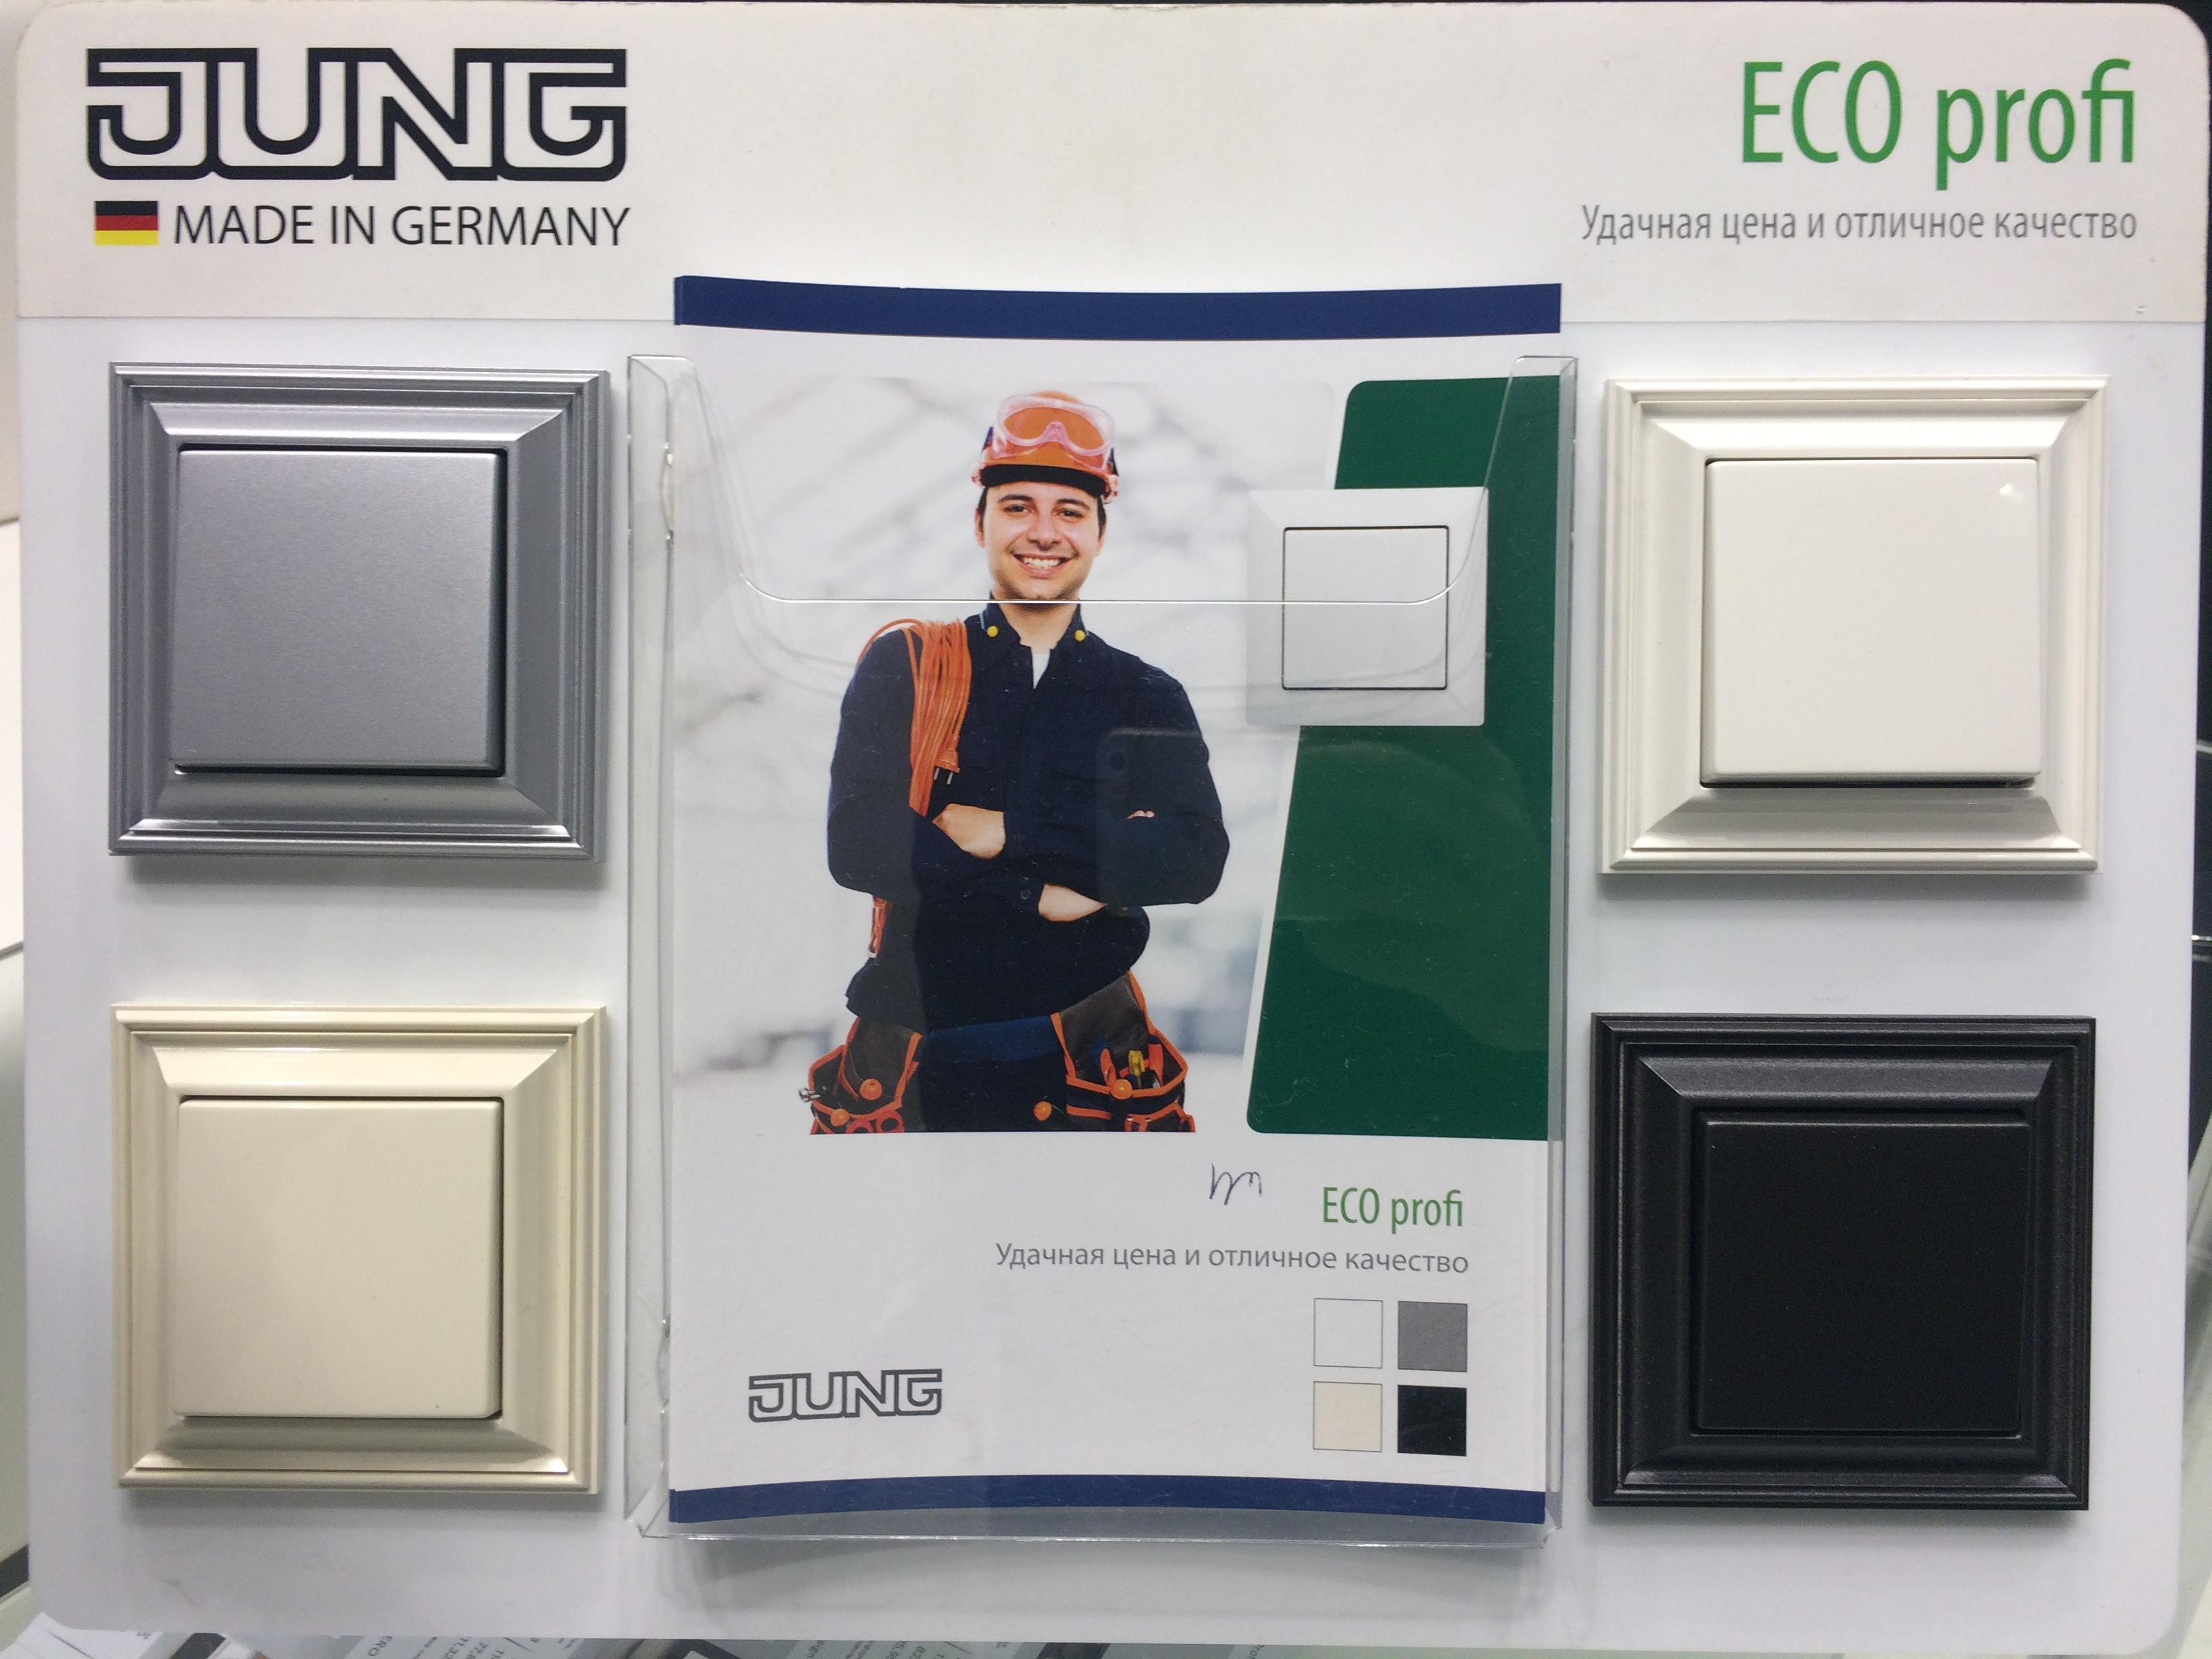 Картинки по запросу Jung eco profi